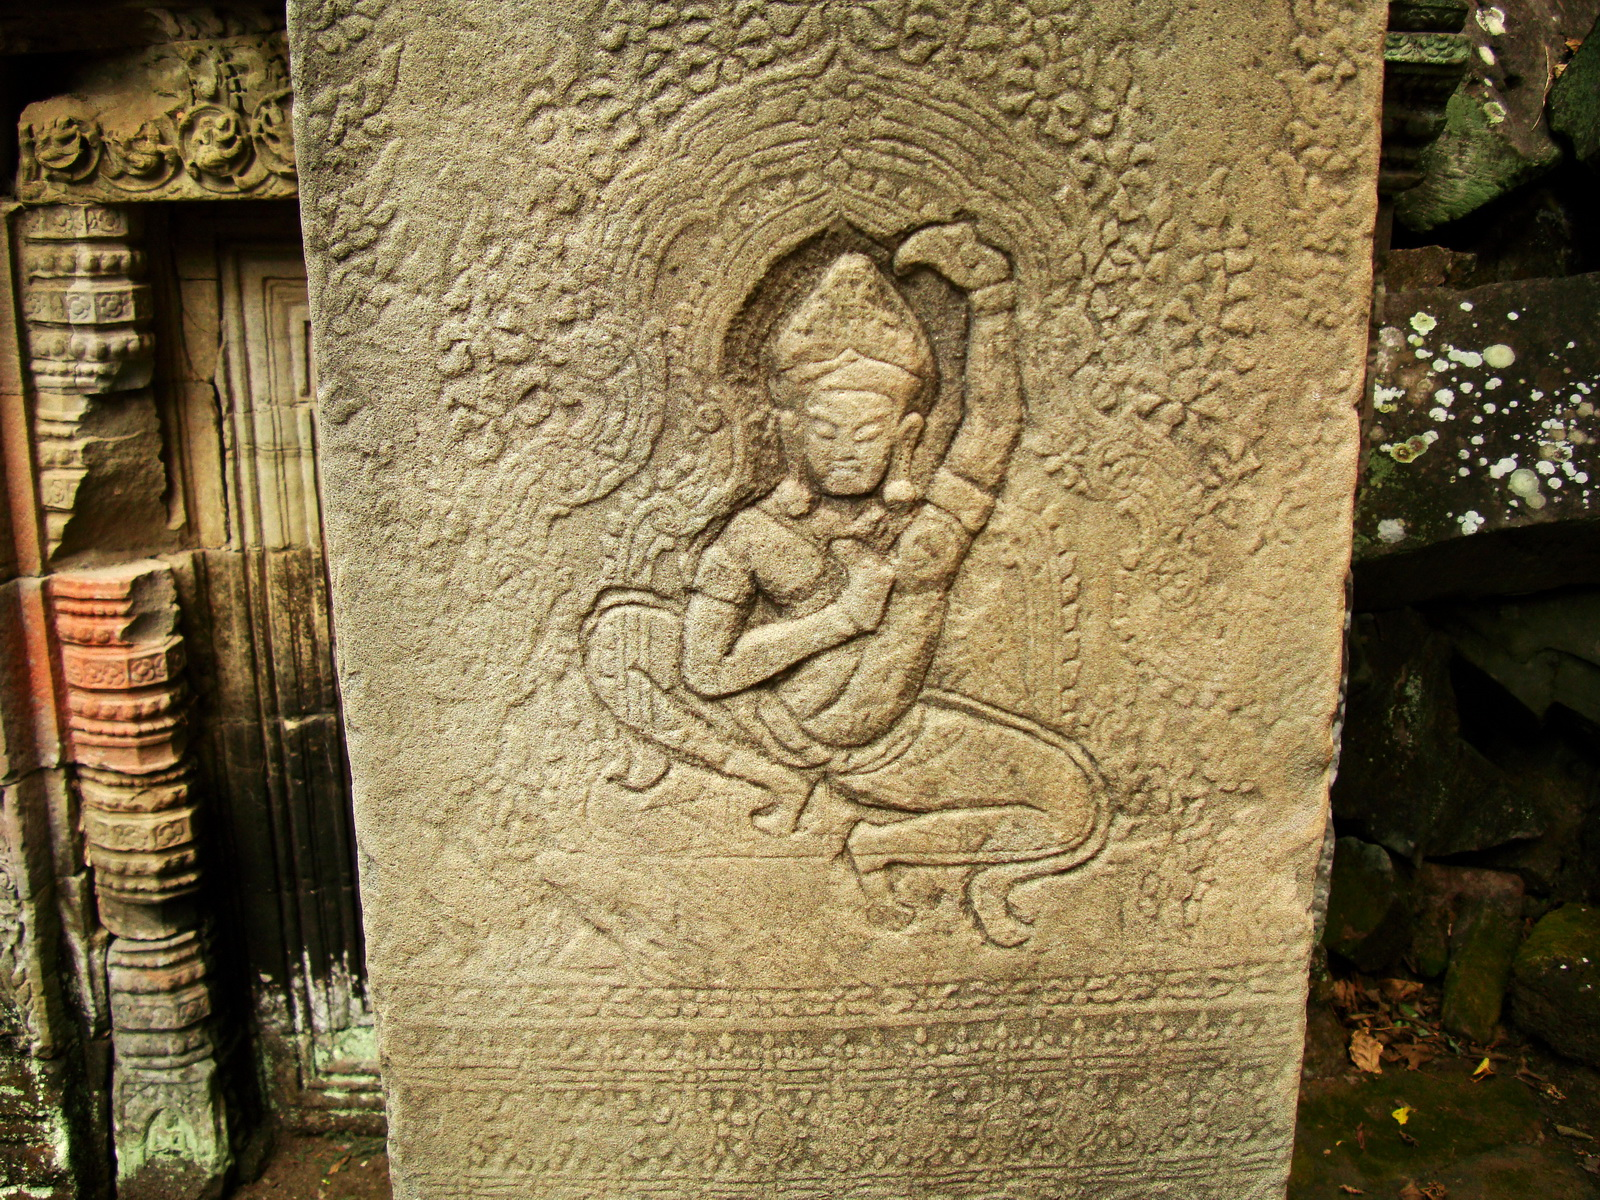 Preah Khan Temple Bas relief dancing Apsaras hall of dancers 10